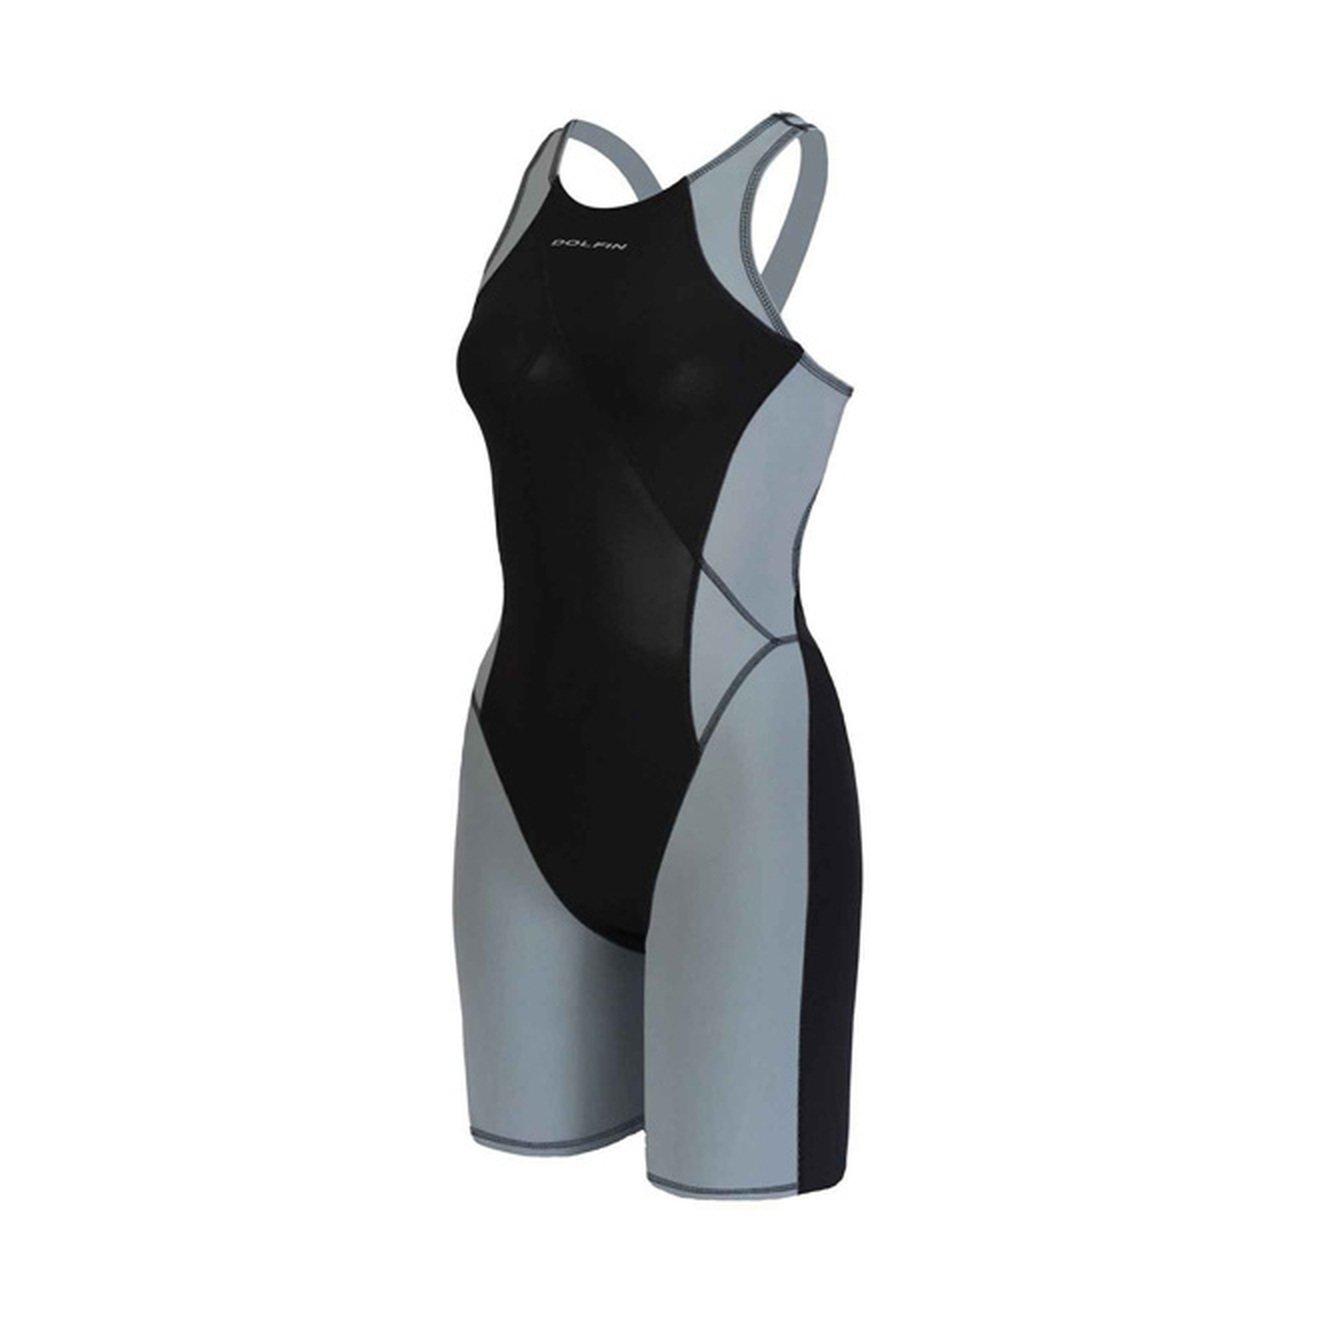 Dolfin Championship Suits DOLFIN Womens Platinum2 Color Knee Suit 7146P-BLK-SILVER-26